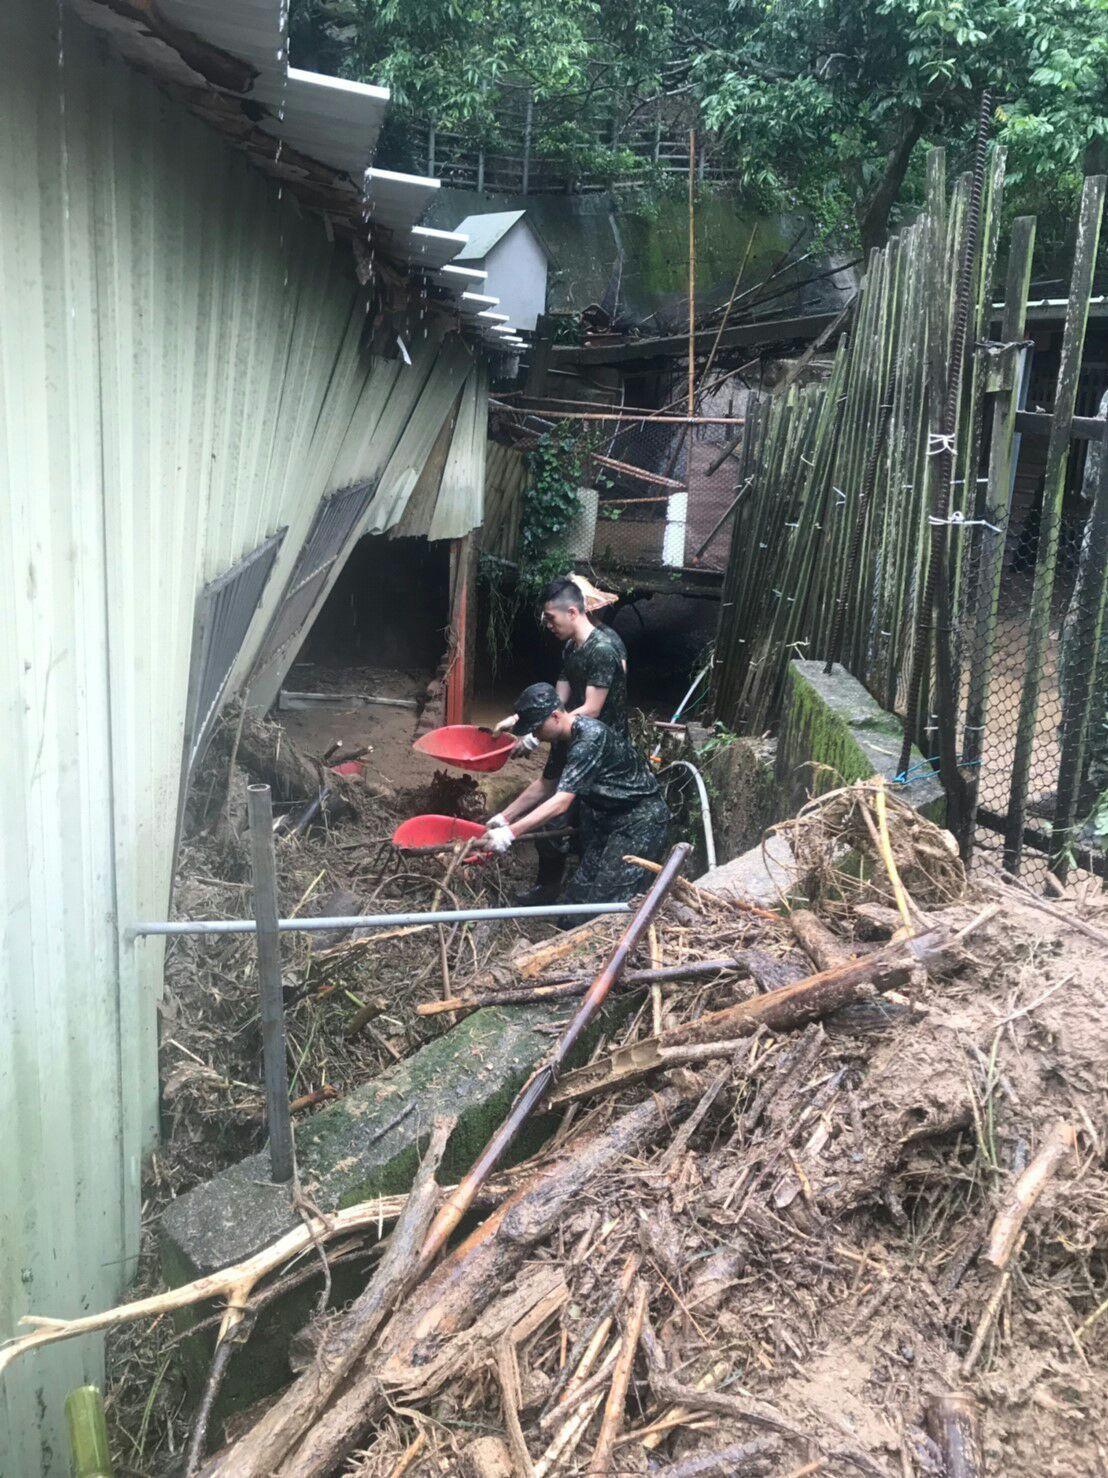 國防部上午表示,大雨造成新竹新豐鄉及竹北地區淹水災情,陸軍裝甲584旅上午投入8...